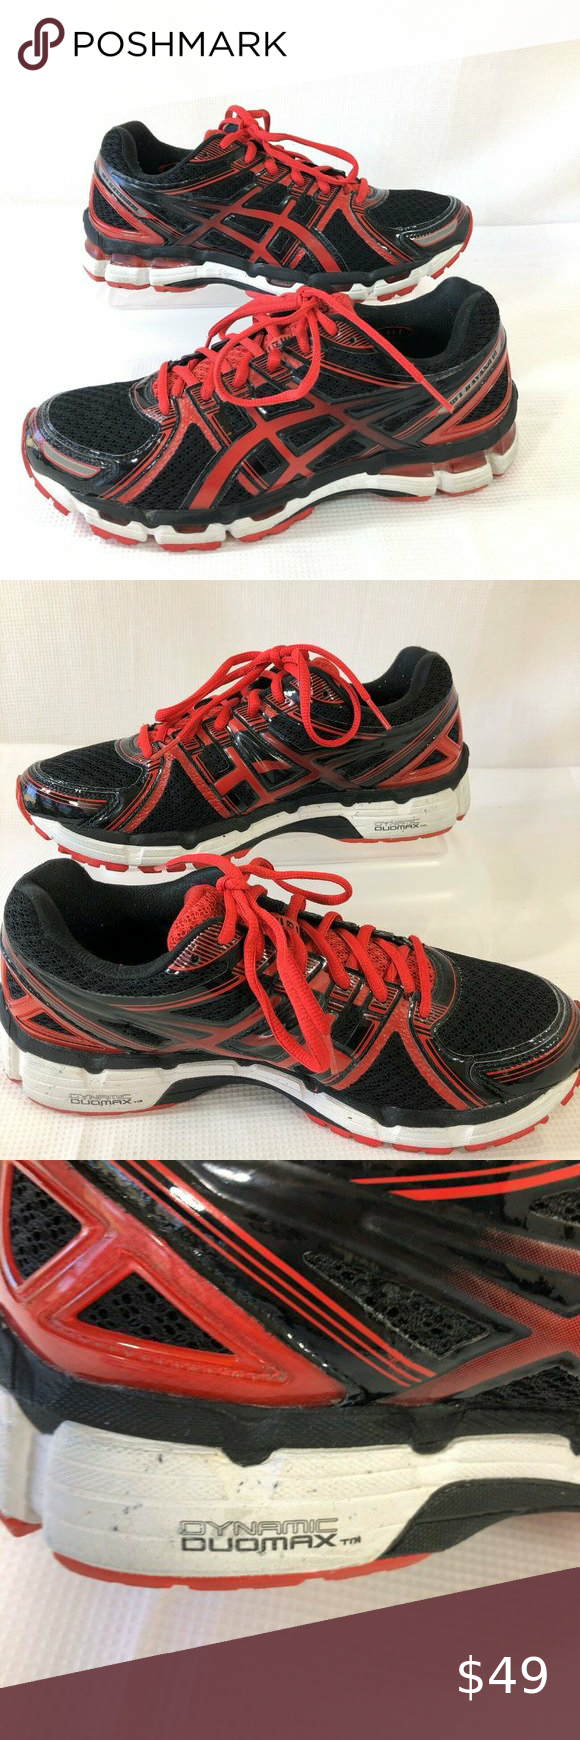 Asics Gel Kayano 19 Running Shoes Mens Size 8.5 M   Asics gel ...